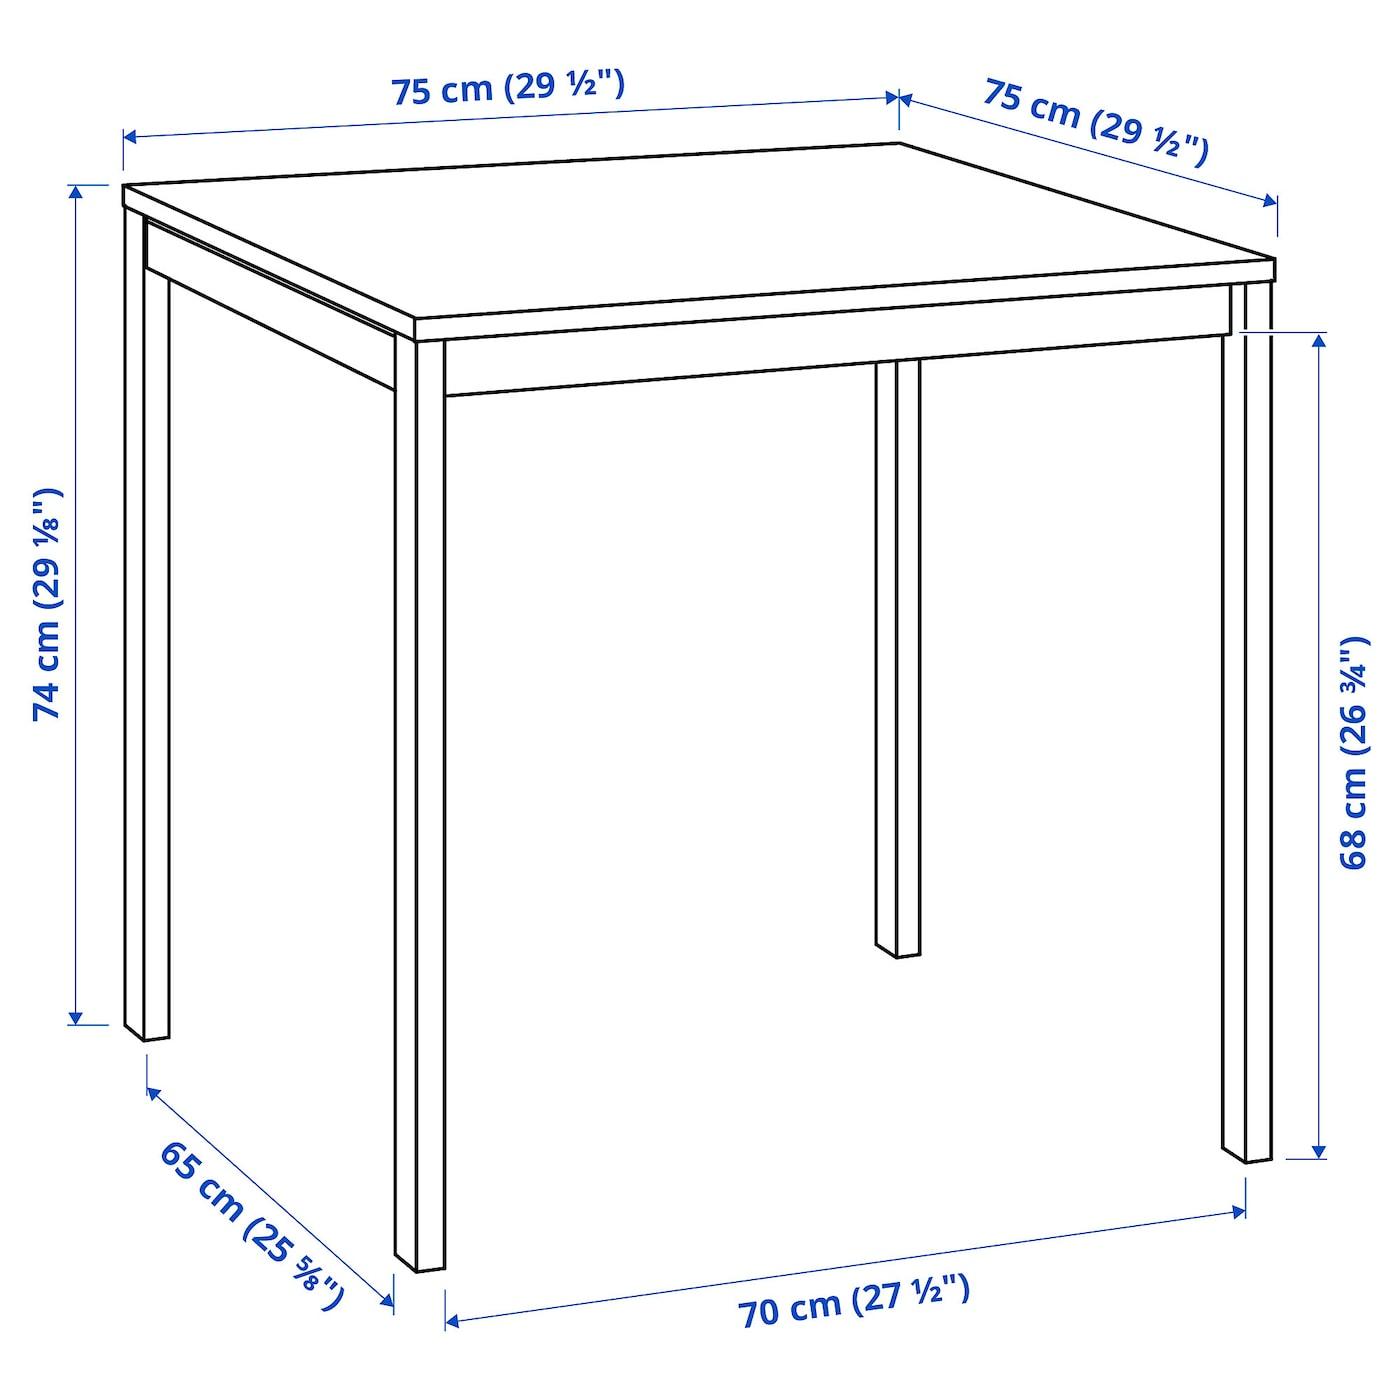 Melltorp Tavolo Bianco 75x75 Cm Ikea It